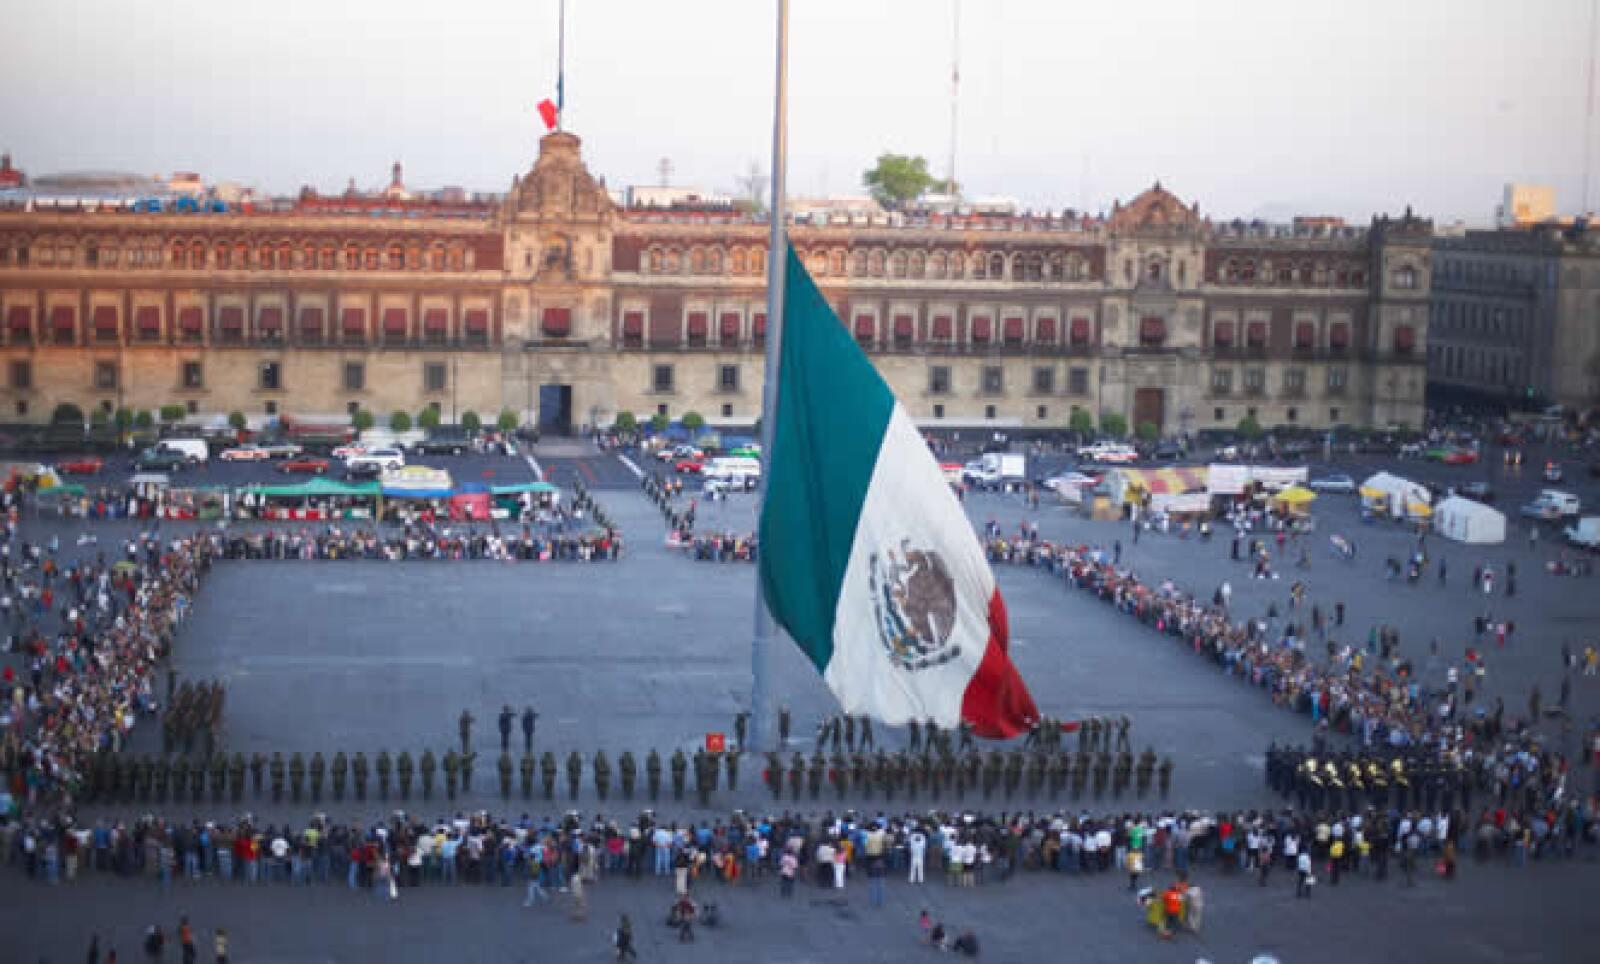 También conocido como el Zócalo, este espacio es uno de los más emblemáticos de la capital del país, por ser referente tanto de la cultura mexica, con el Templo Mayor y la cultura española, con la catedral metropolitana.